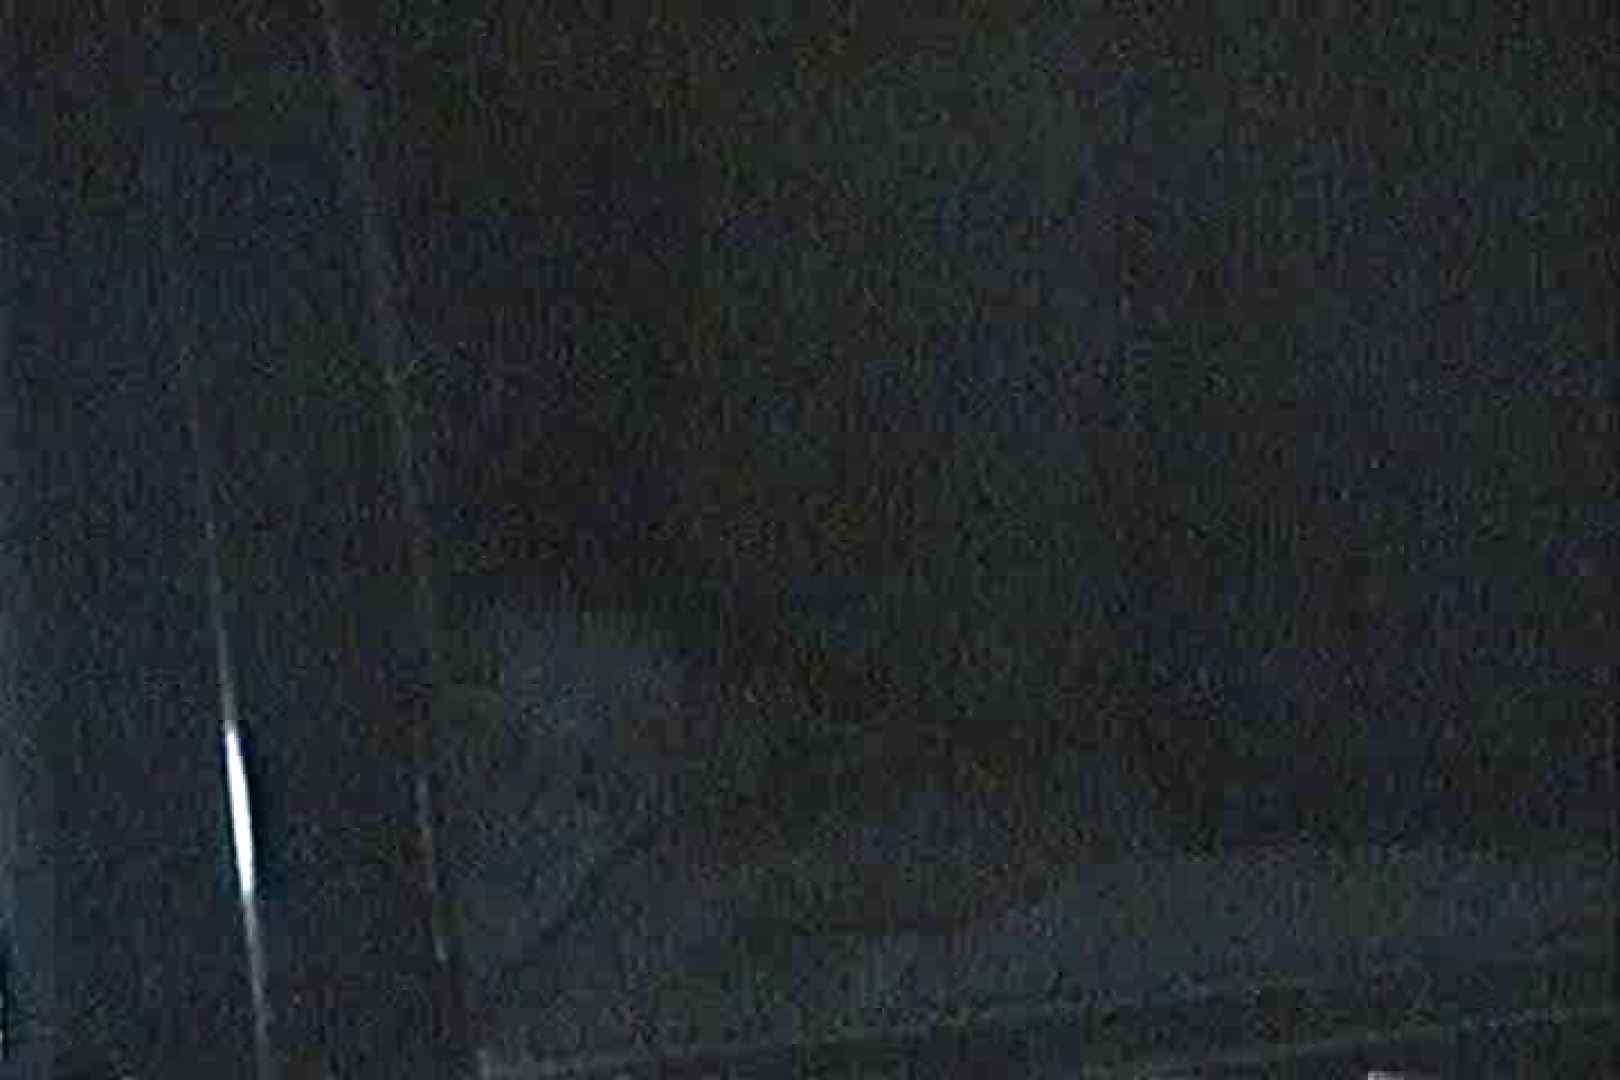 充血監督の深夜の運動会Vol.154 エロティックなOL | エッチなセックス  61画像 43